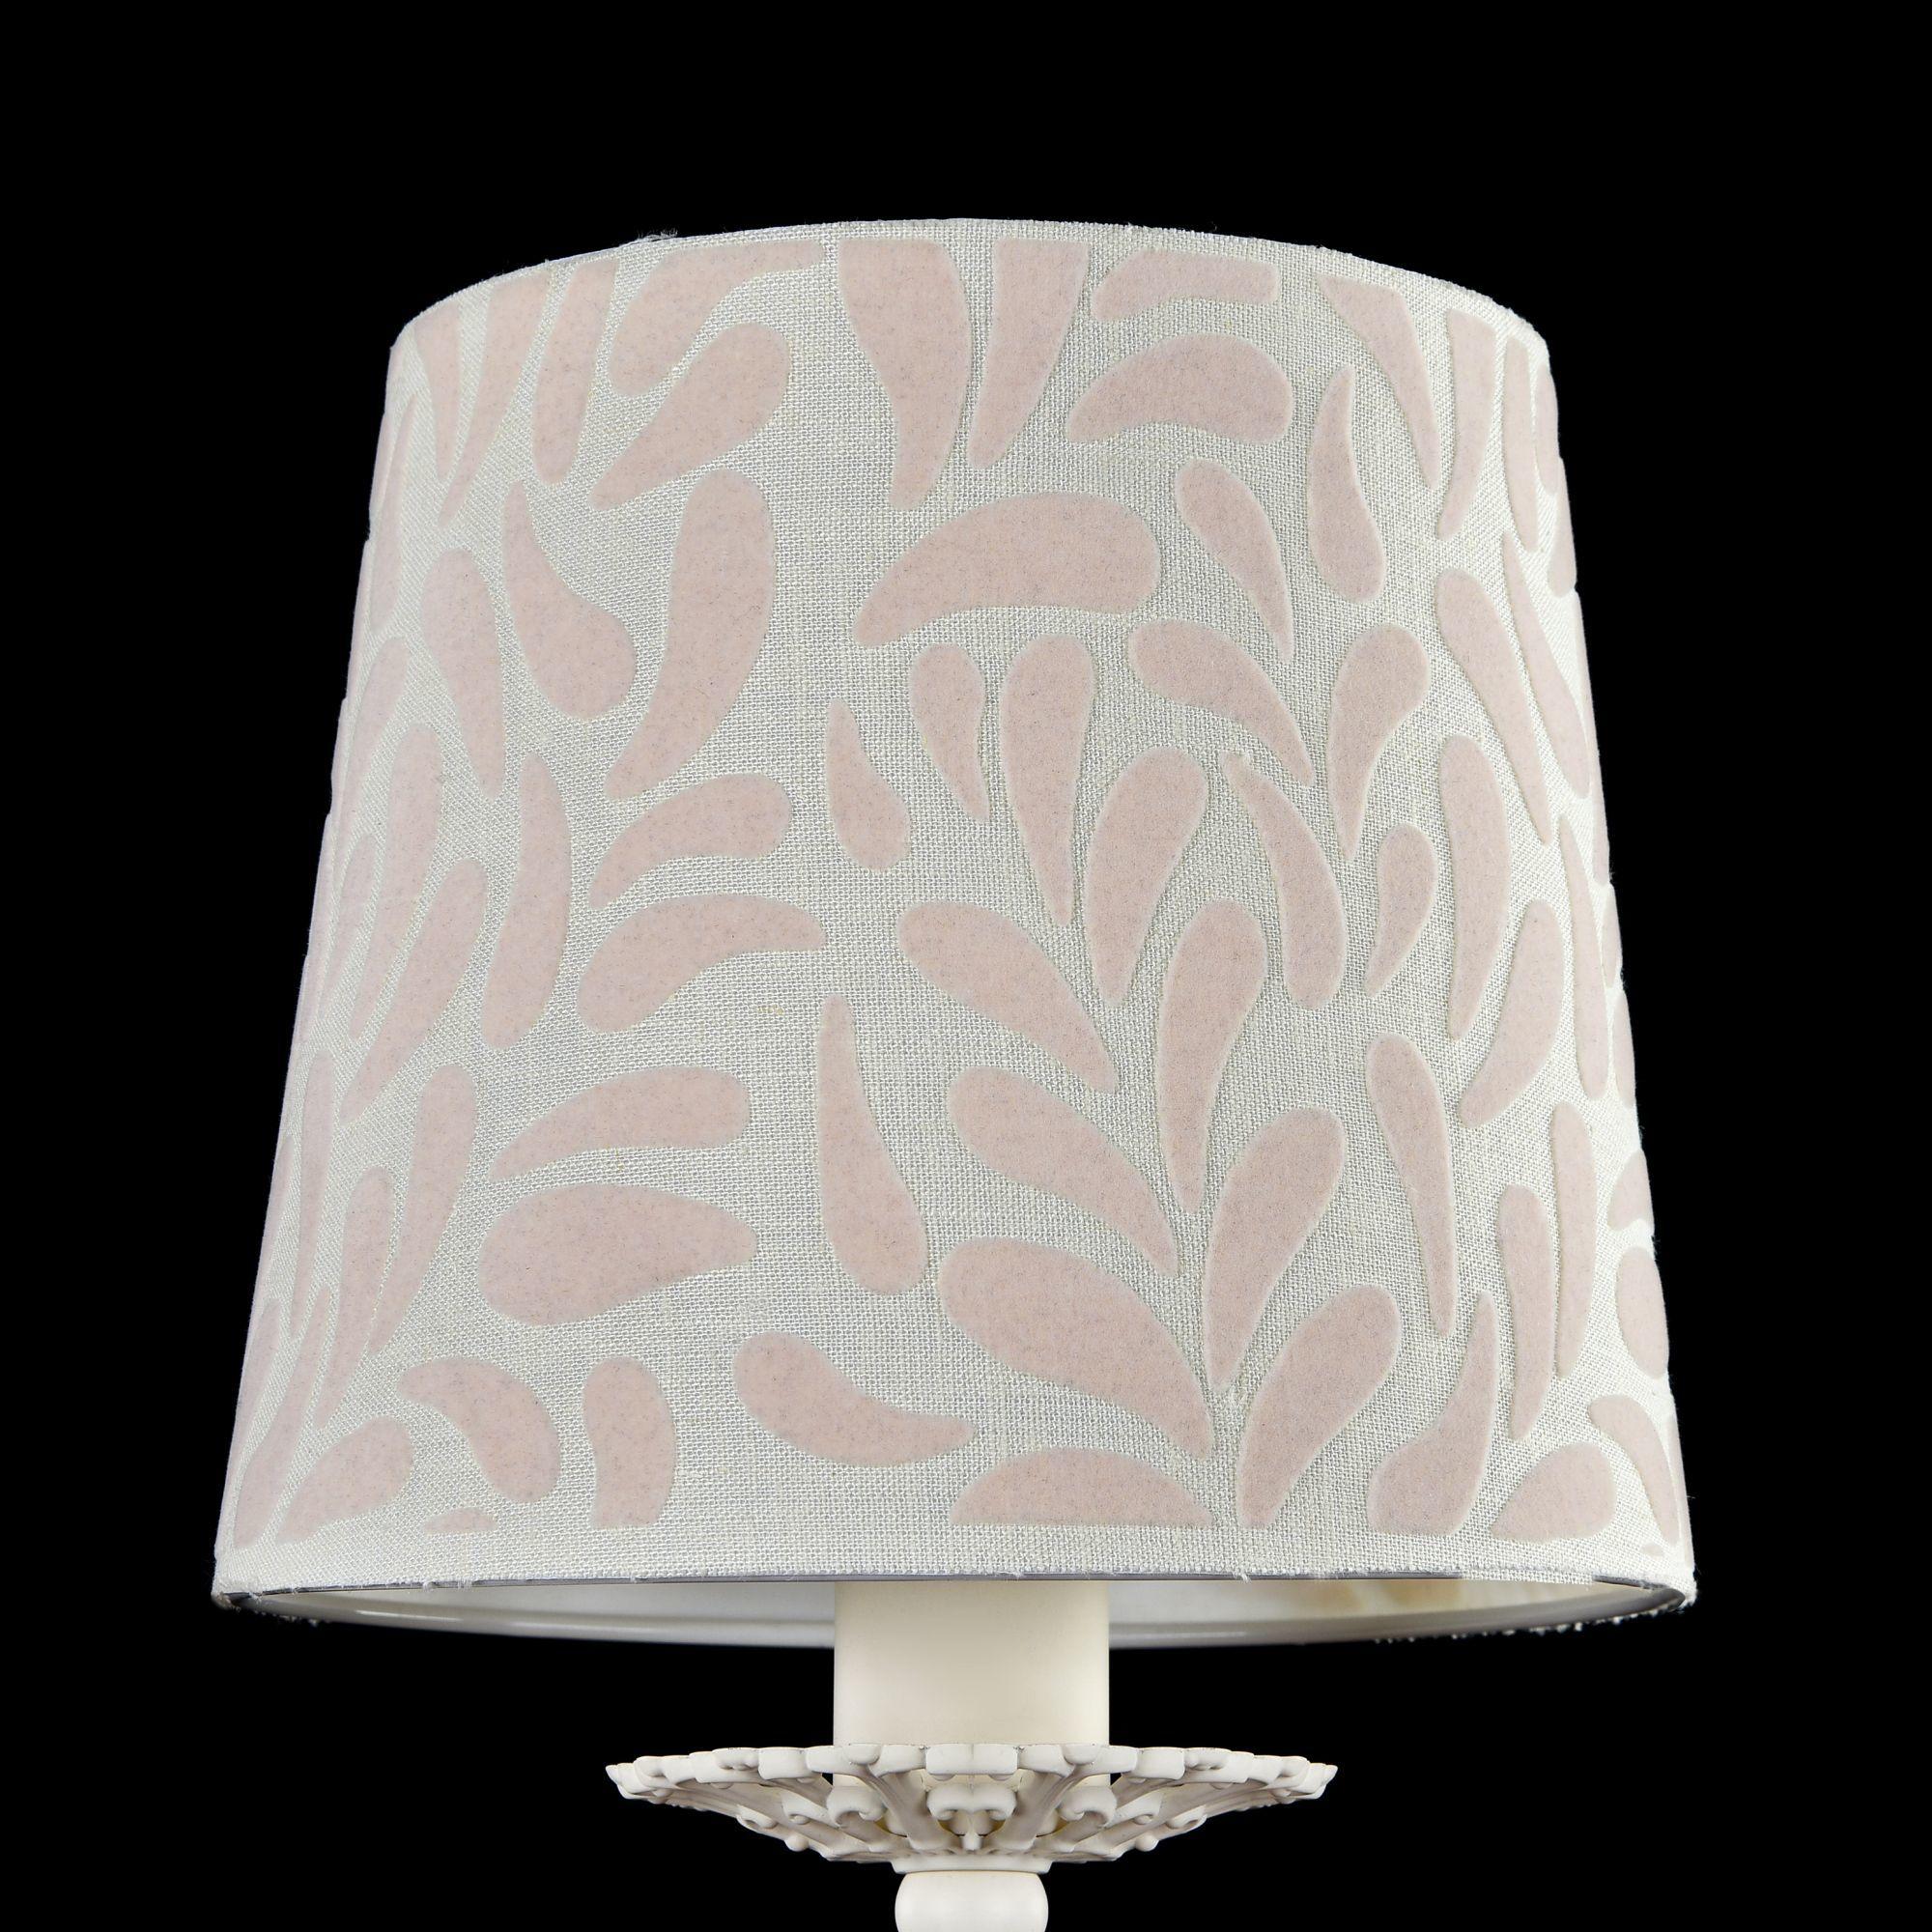 Бра Maytoni Classic Elegant Emilia ARM737-WL-01-W, 1xE14x40W, белый, бежевый, металл, текстиль - фото 5